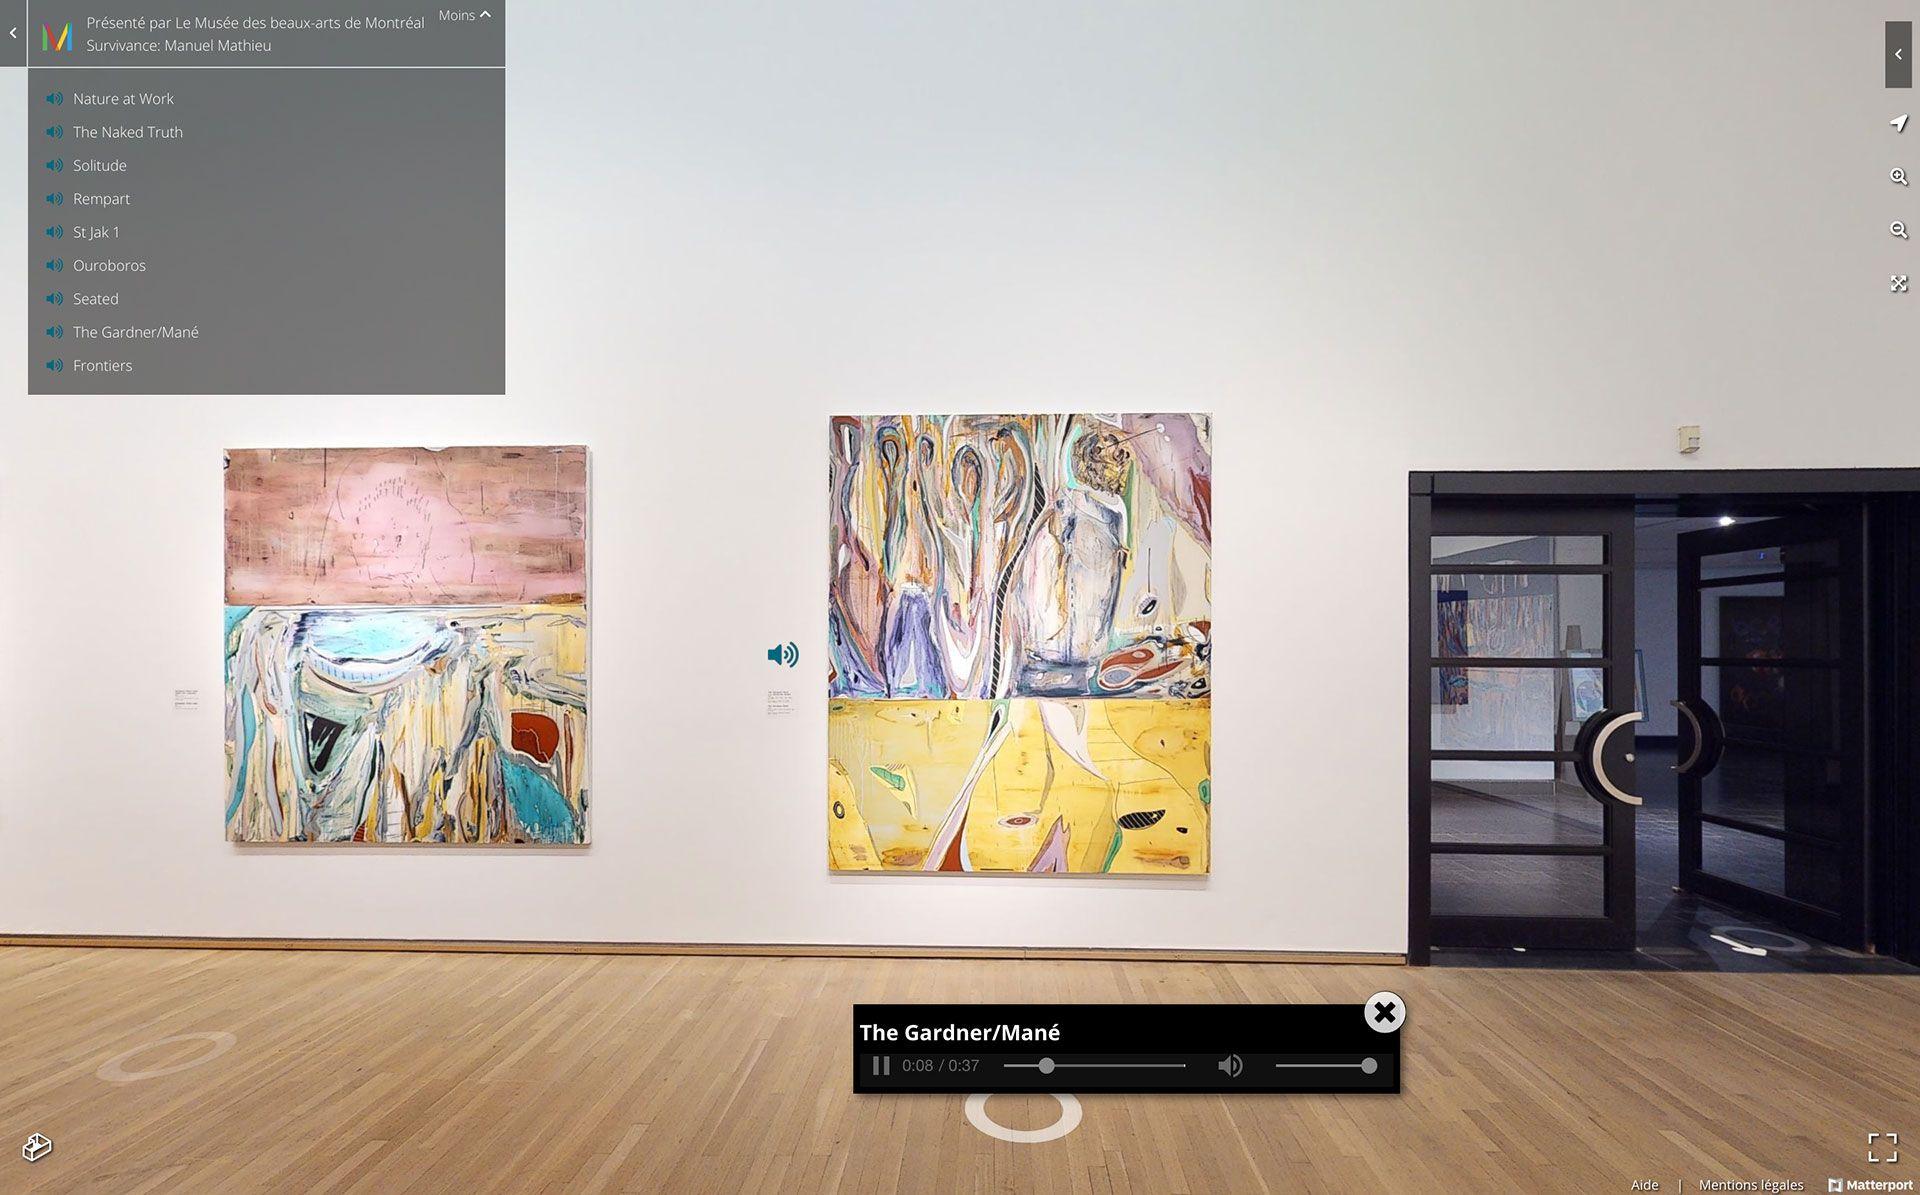 Vue de la version virtuelle de l'exposition Manuel Mathieu : Survivance